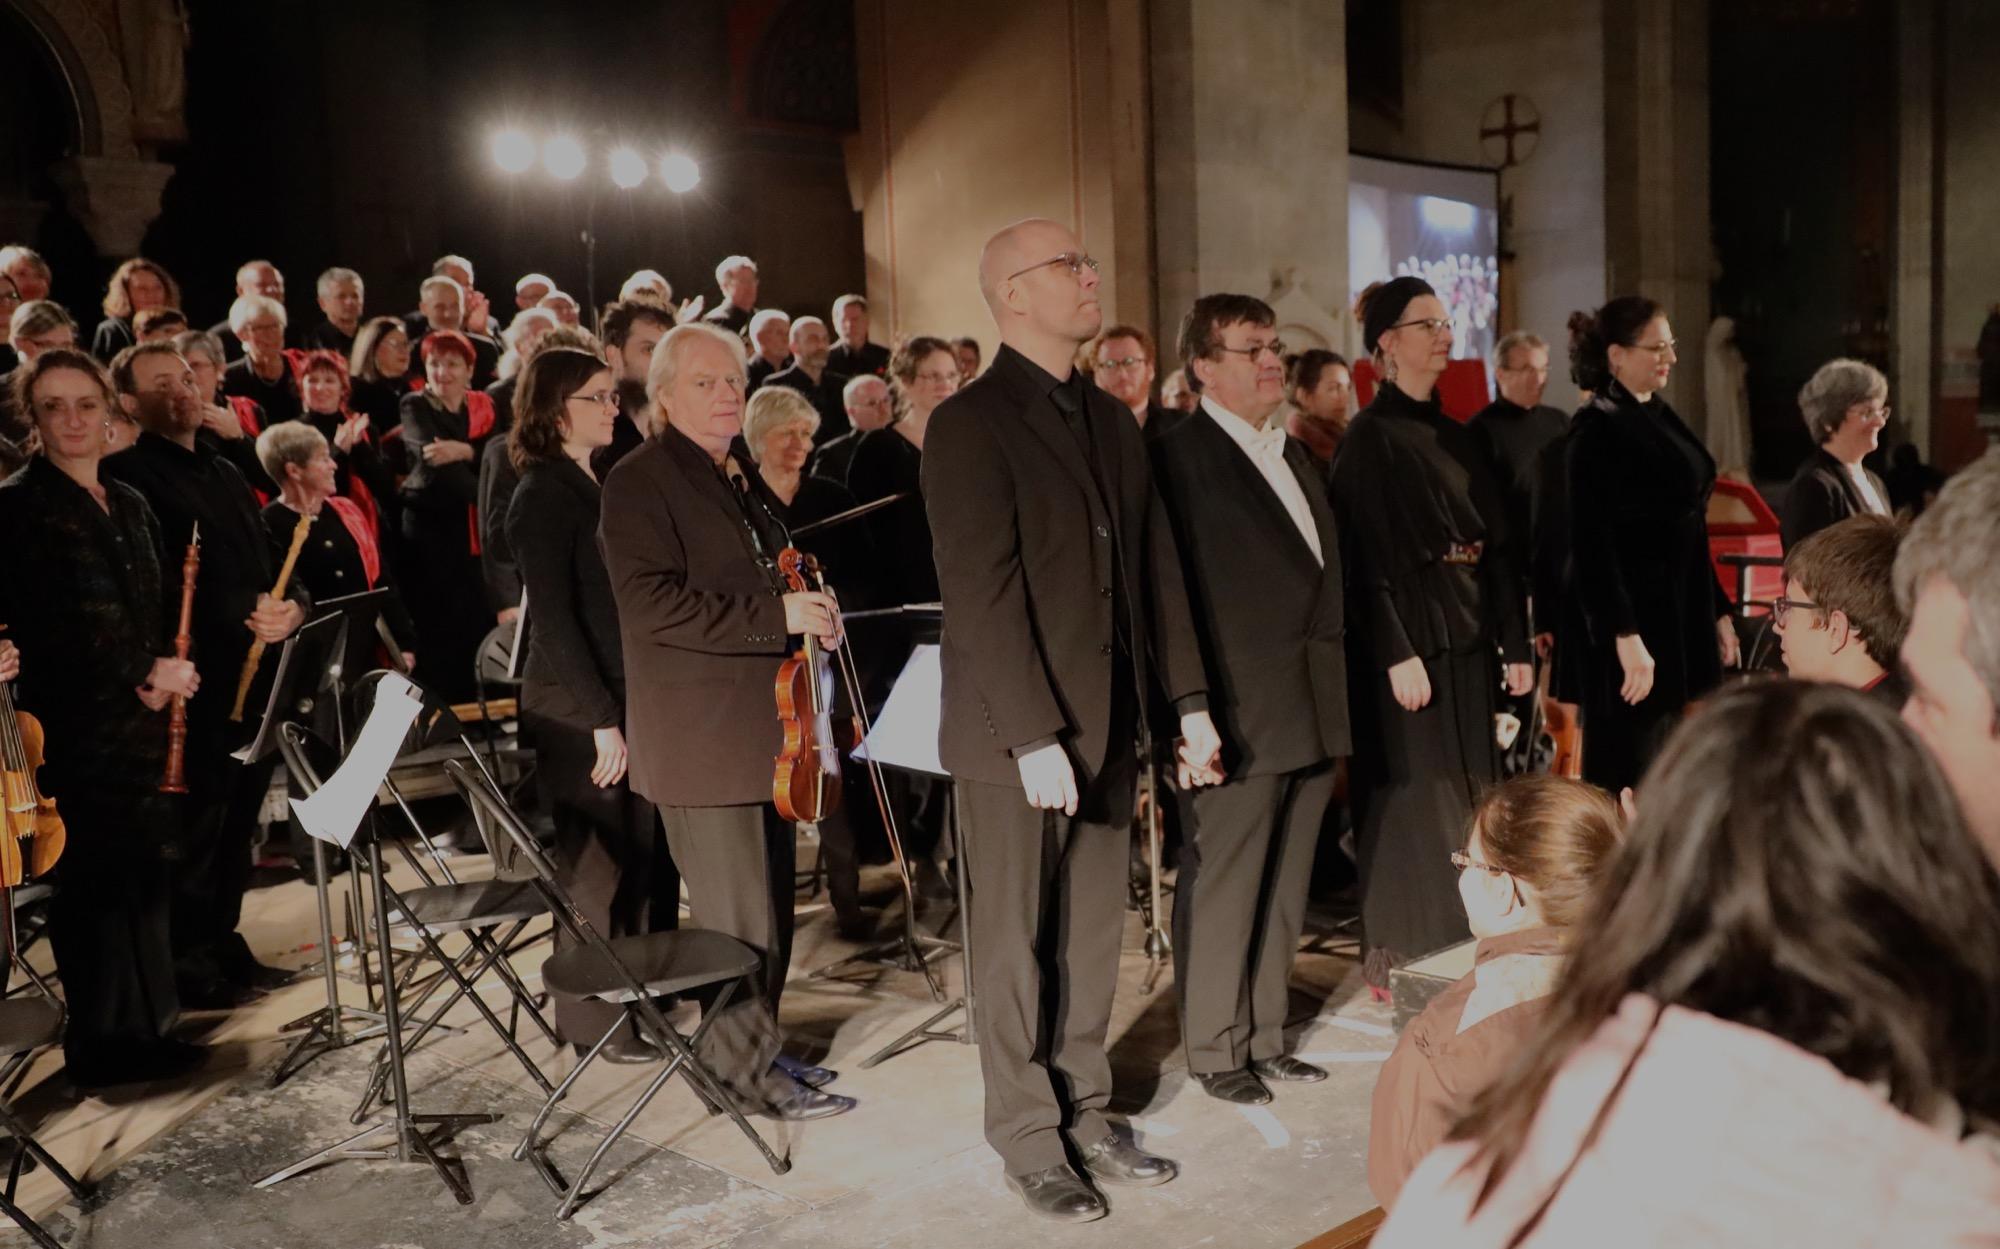 """LES SOLISTES : Brigitte PEYRÉ, Soprano Els JANSSENS VANMUNSTER , Alto Patrick GARAYT, Ténor Matthieu HEIM, Basse   L'Orchestre : Ensemble """" COLLA PARTE""""  Violons : Silvio FAILLA, Rachel CARTY, Florian VERHAENGEN, Caroline, MENUGE, Michel COPPÉ, Pascale SQUADRELLI - Alto : Aurélien NUNEZ, Delphine-Anne ROUSSEAU, Myriam CAMBRELING - Violoncelles : Aude WALKER-VIRY, Audrey SABATIER -  Contrebasse : Claude CARDONNET -  Hautbois : Isabelle GRATIUS, Eric GAYRAUD - Basson : Perrine BERNARD -  Trompette : Nicolas PLANCHON, Jean-Claude RELAVE -  Timbales : Pierre HÉGÉ - CLAVESIN : BASTIEN TERRAS -   Le Madrigal de Nîmes , direction Muriel BURST -  https://sites.google.com/site/madrigaldenimes/"""